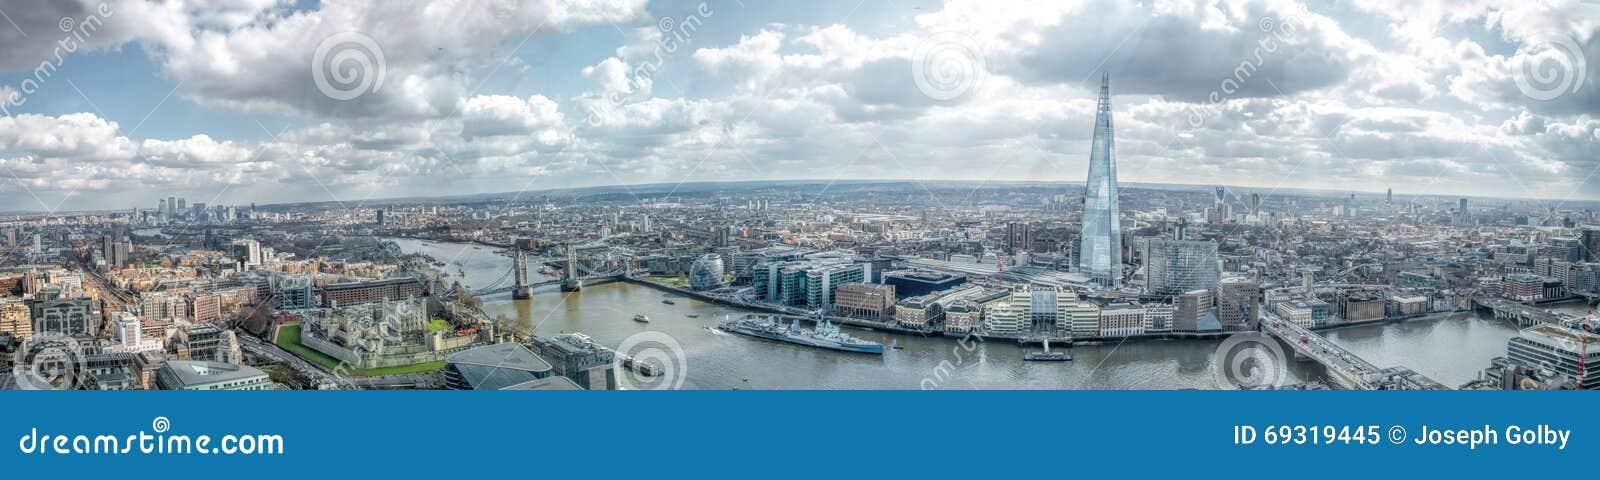 Panorama large de vue d horizon de Londres Points de repère est et du sud, tour de Londres, la Tamise Canary Wharf, le tesson, po